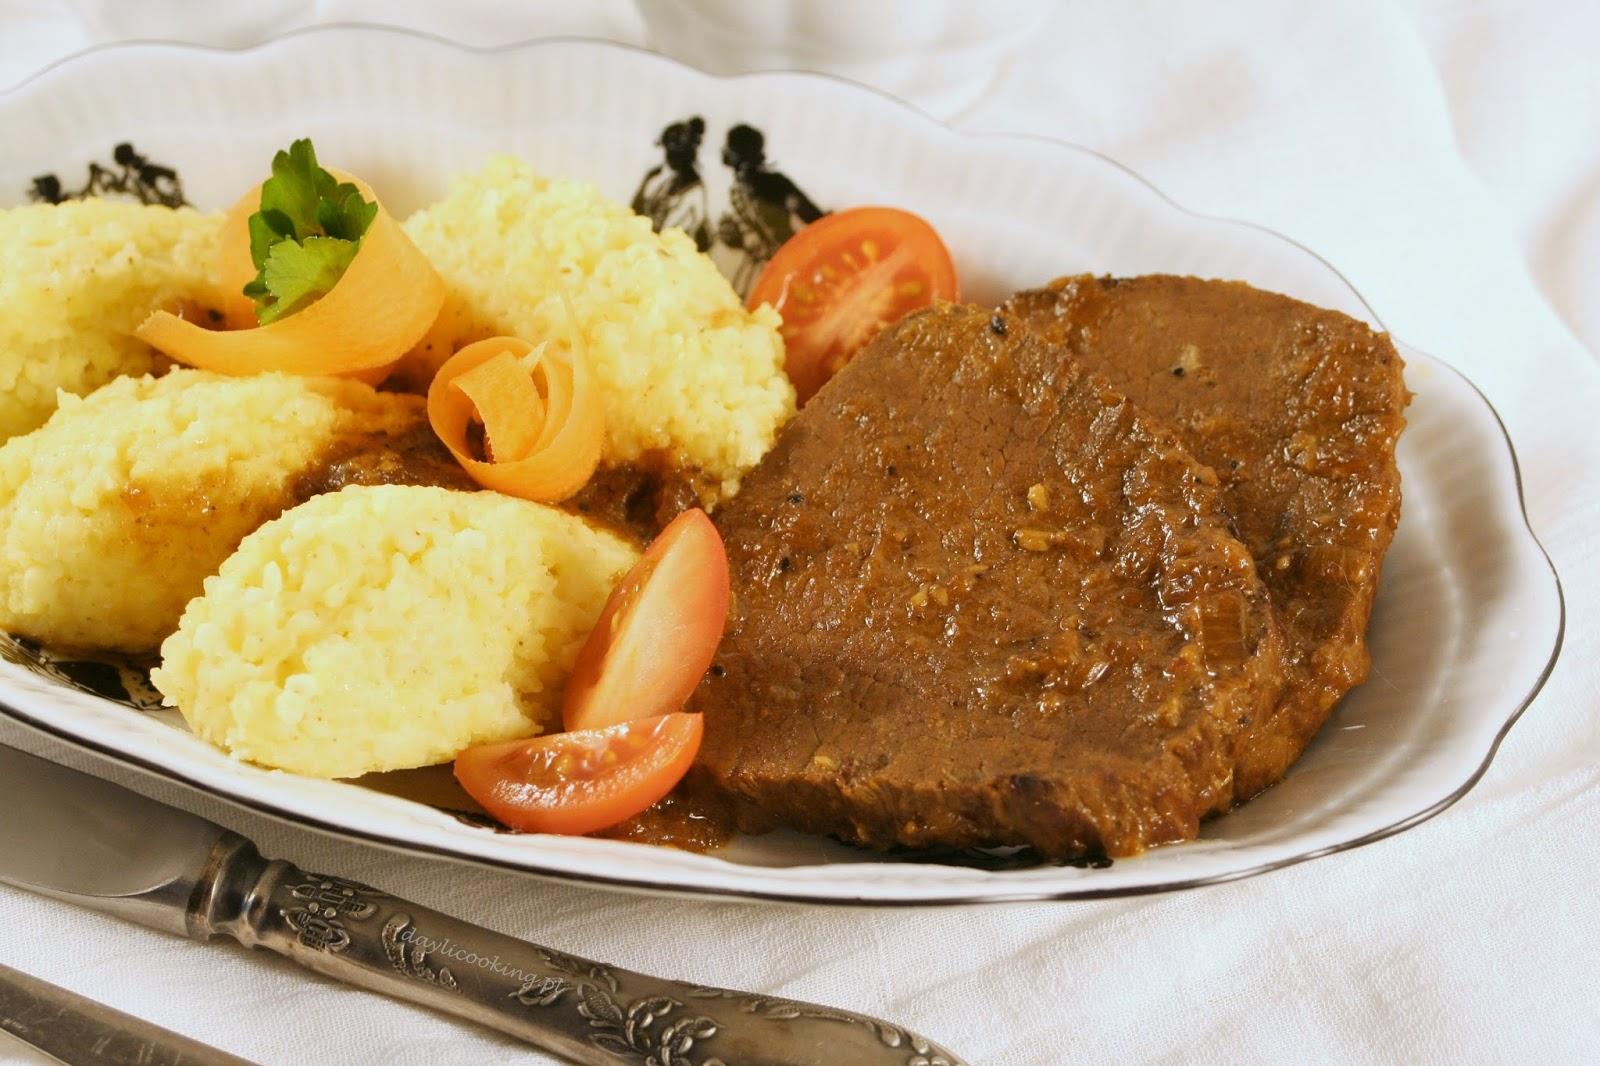 ligawa wołowa, przepis na wołowinę w ciemnym sosie, jak zrobić ciemny sos z mięsa wołowego, daylicooking